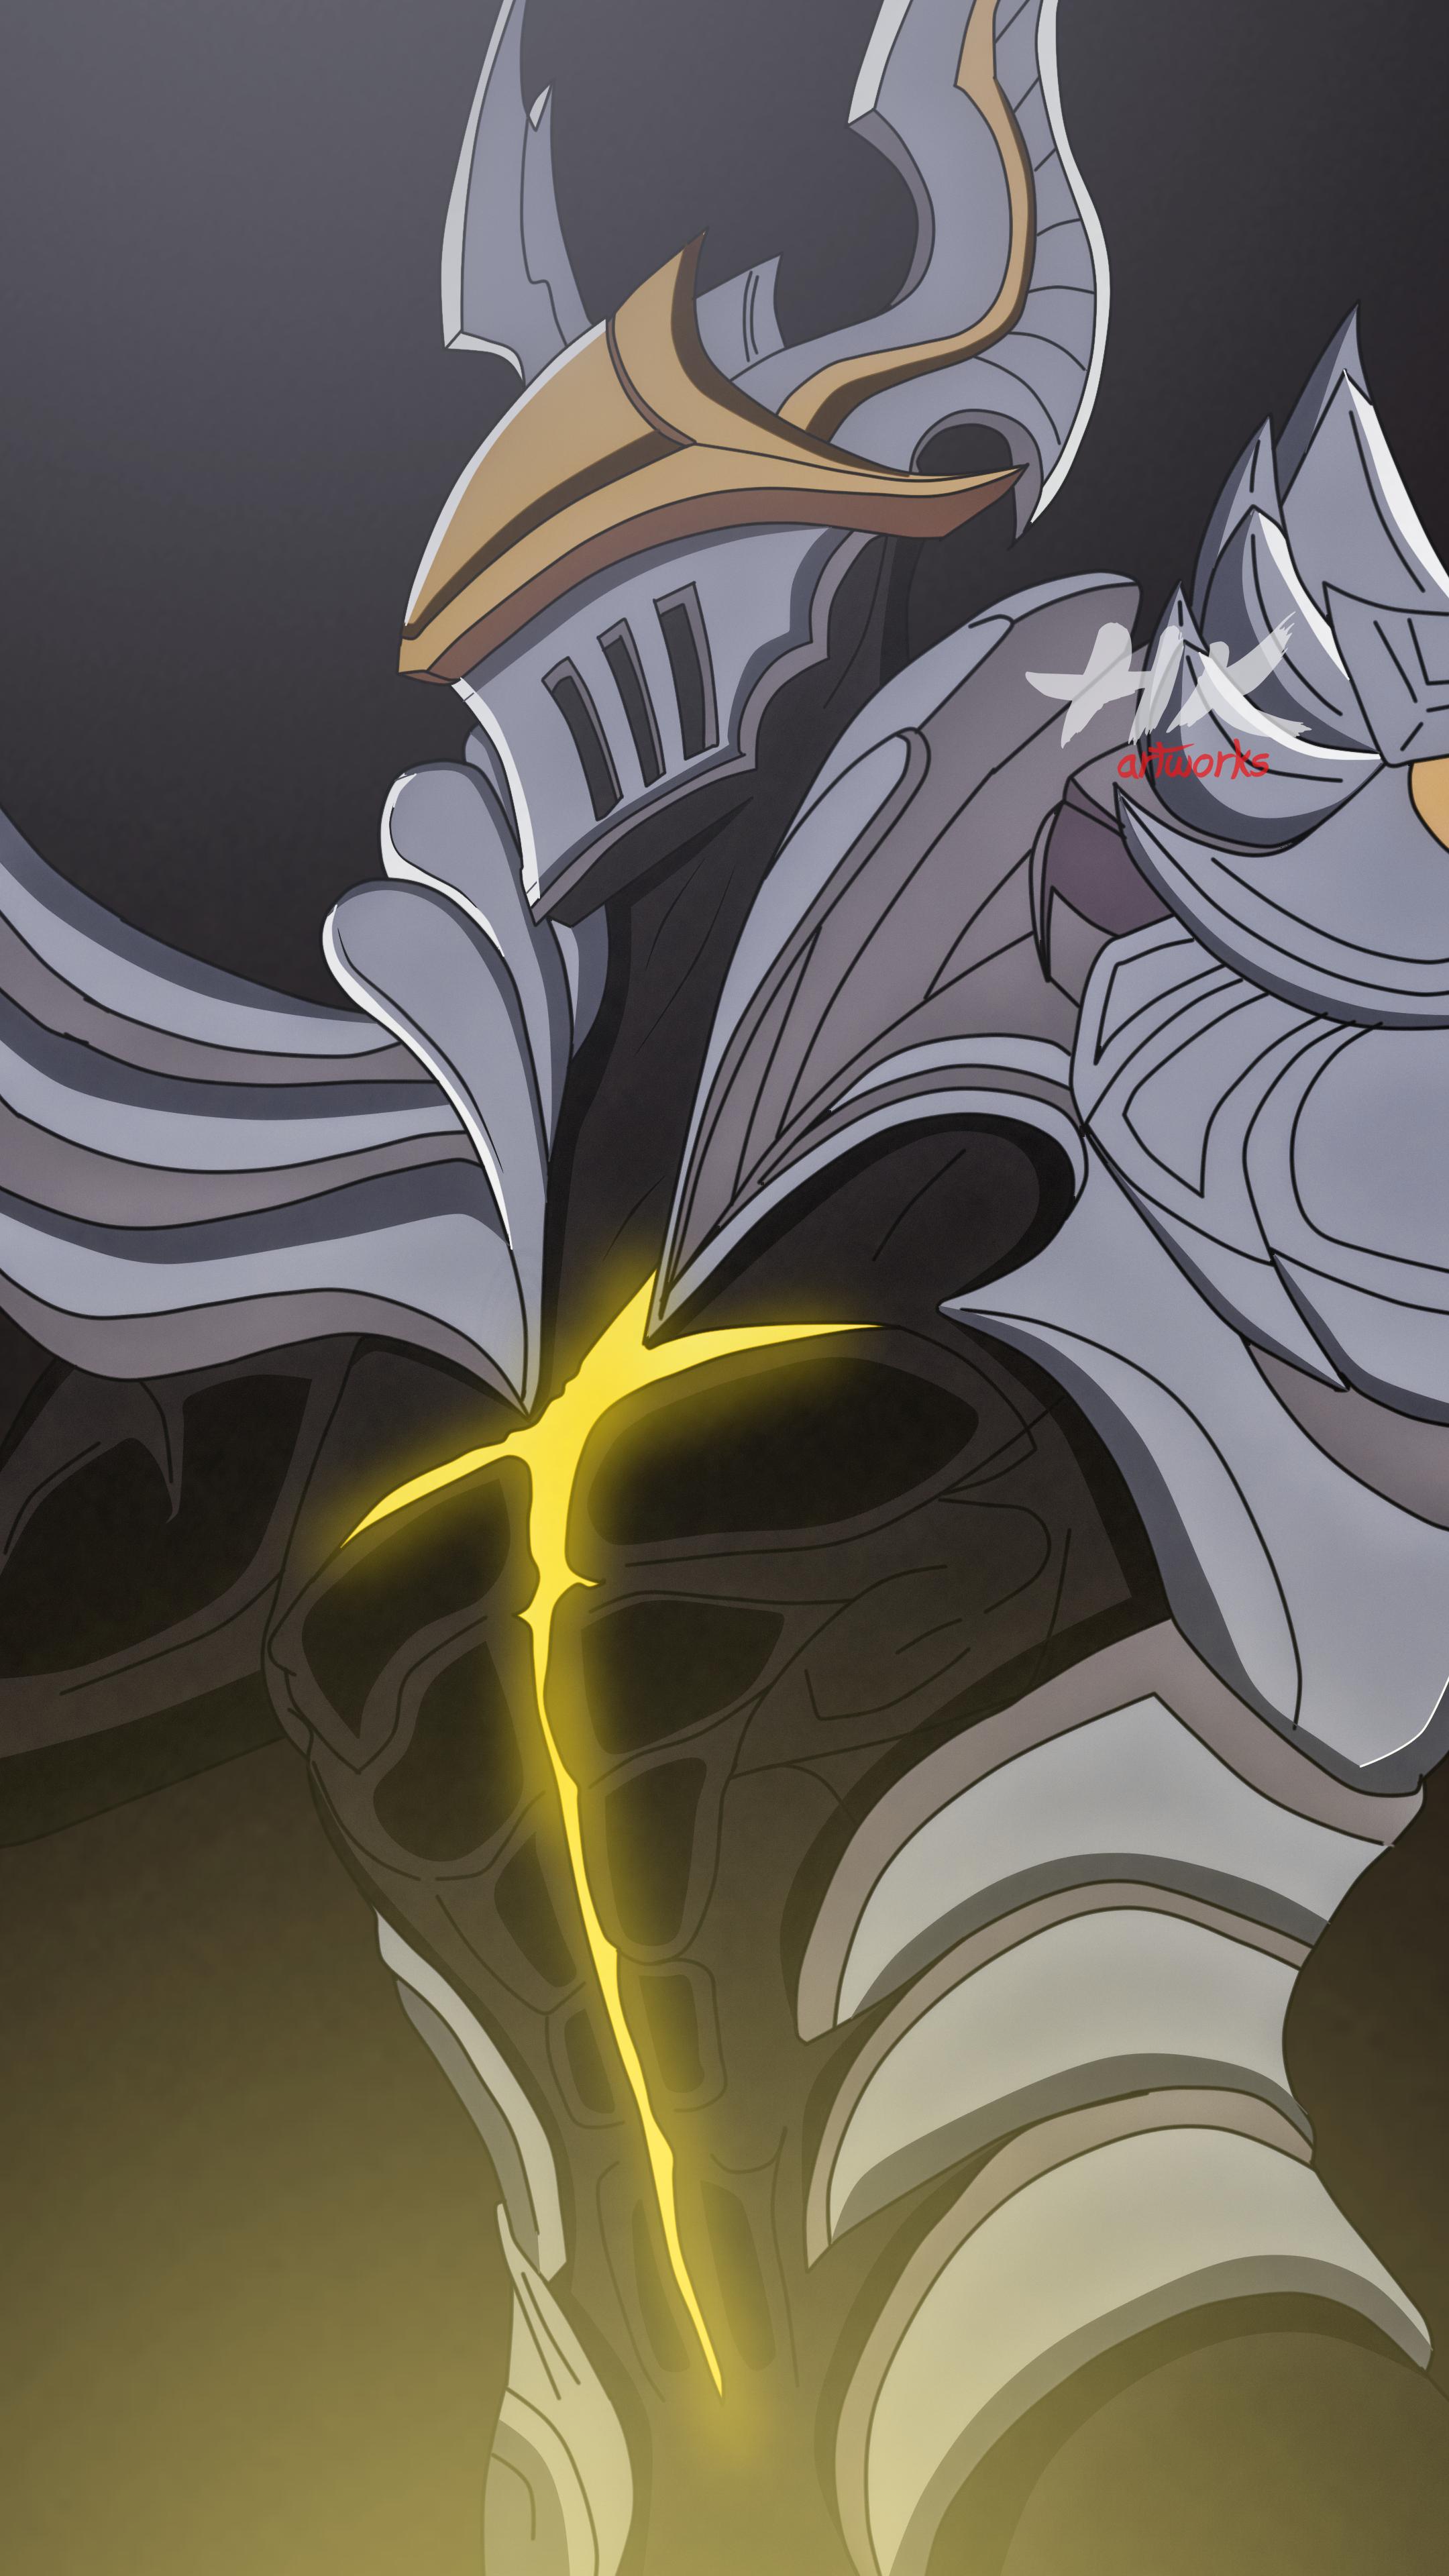 Argus Light Dawn Anime Style By Hkartworks99 On DeviantArt